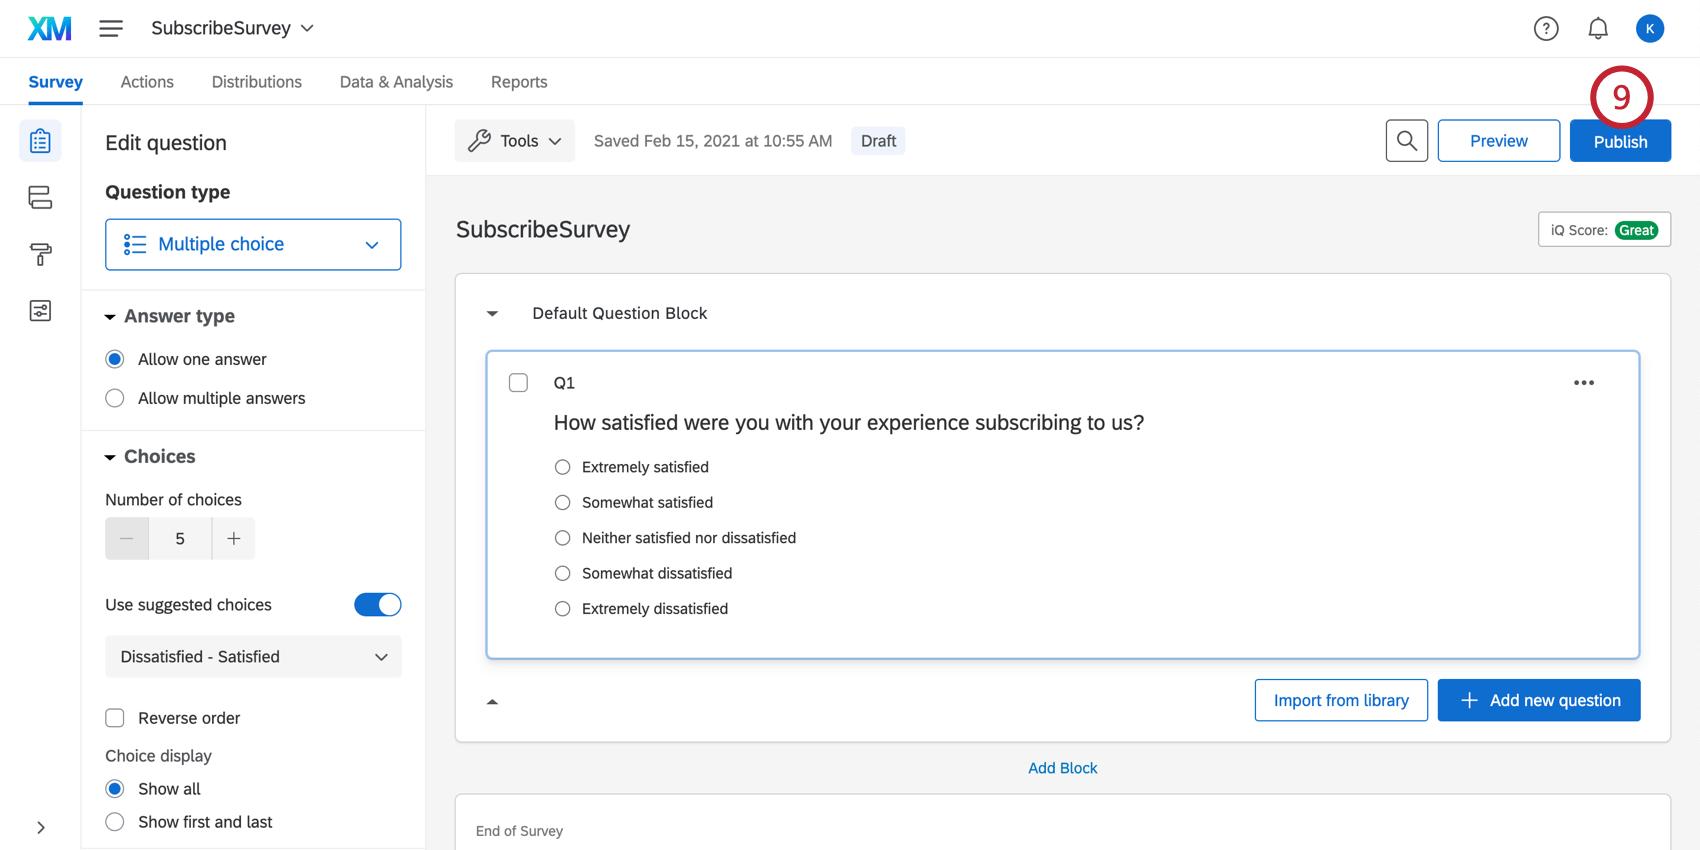 Publishing the survey